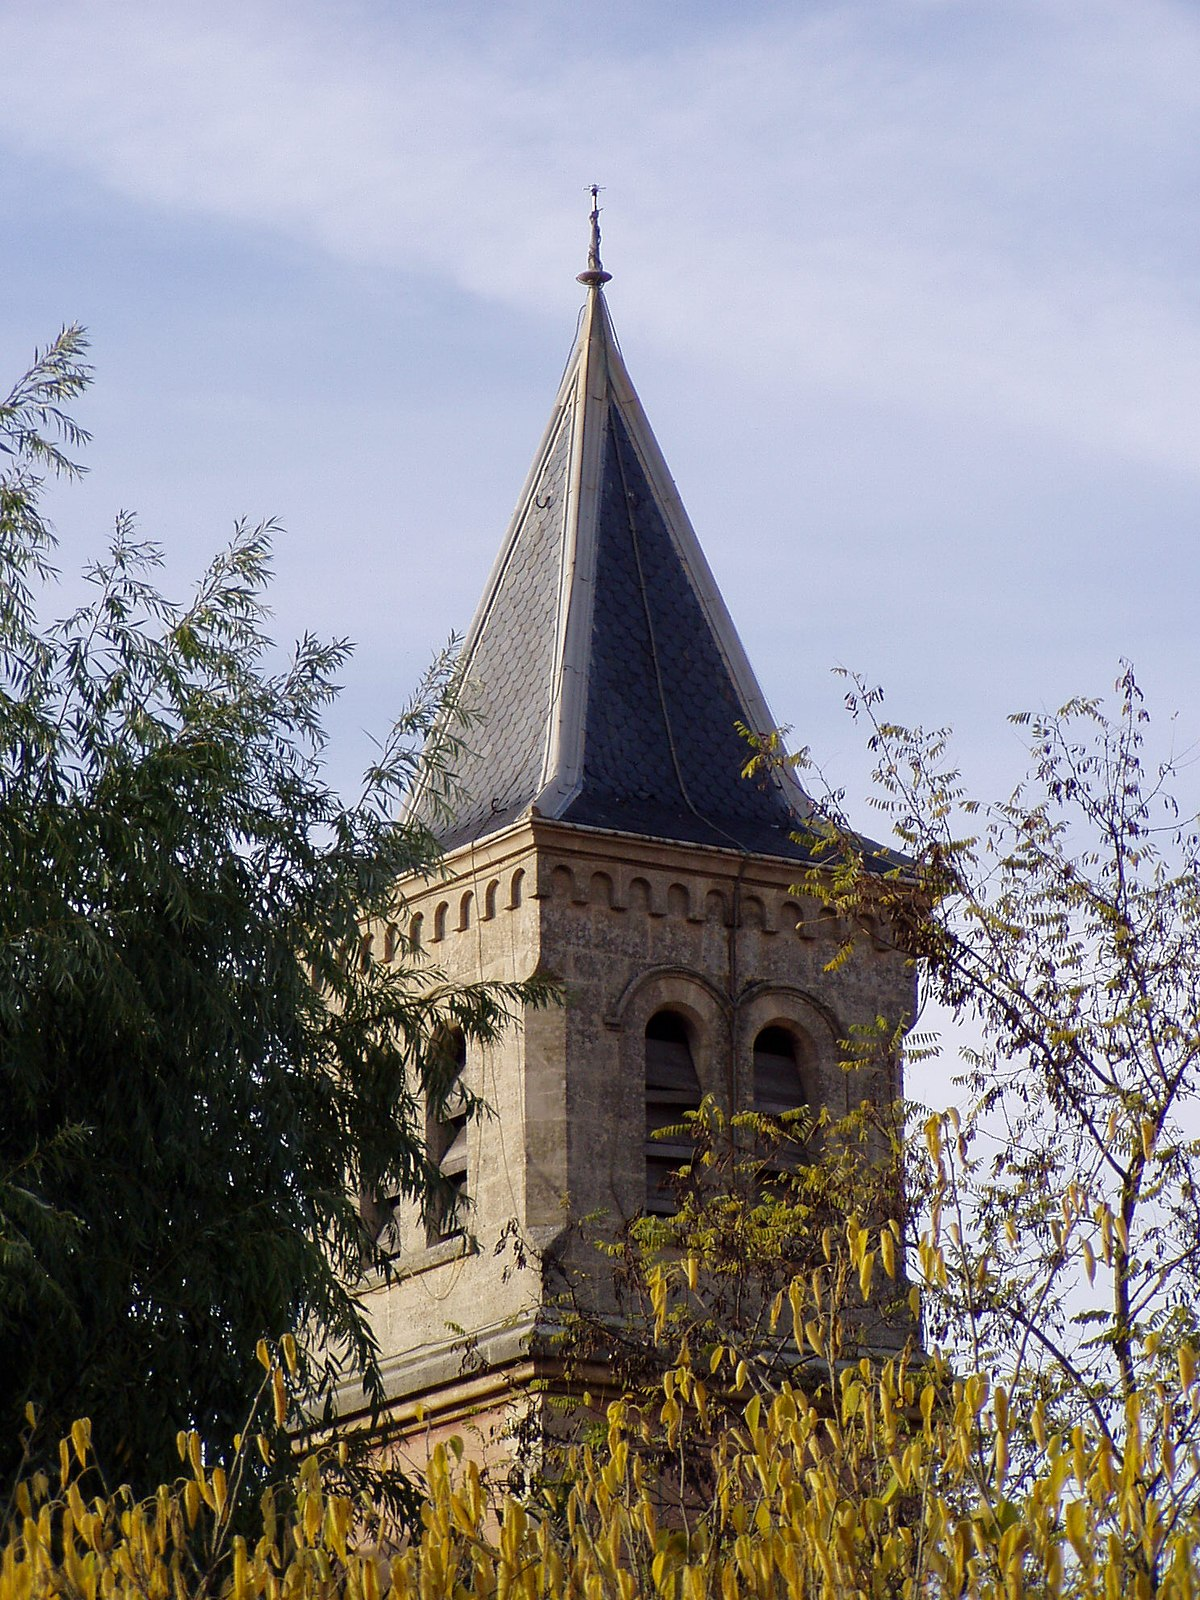 Narbonne Version 3 1: File:Clocher De L'Eglise